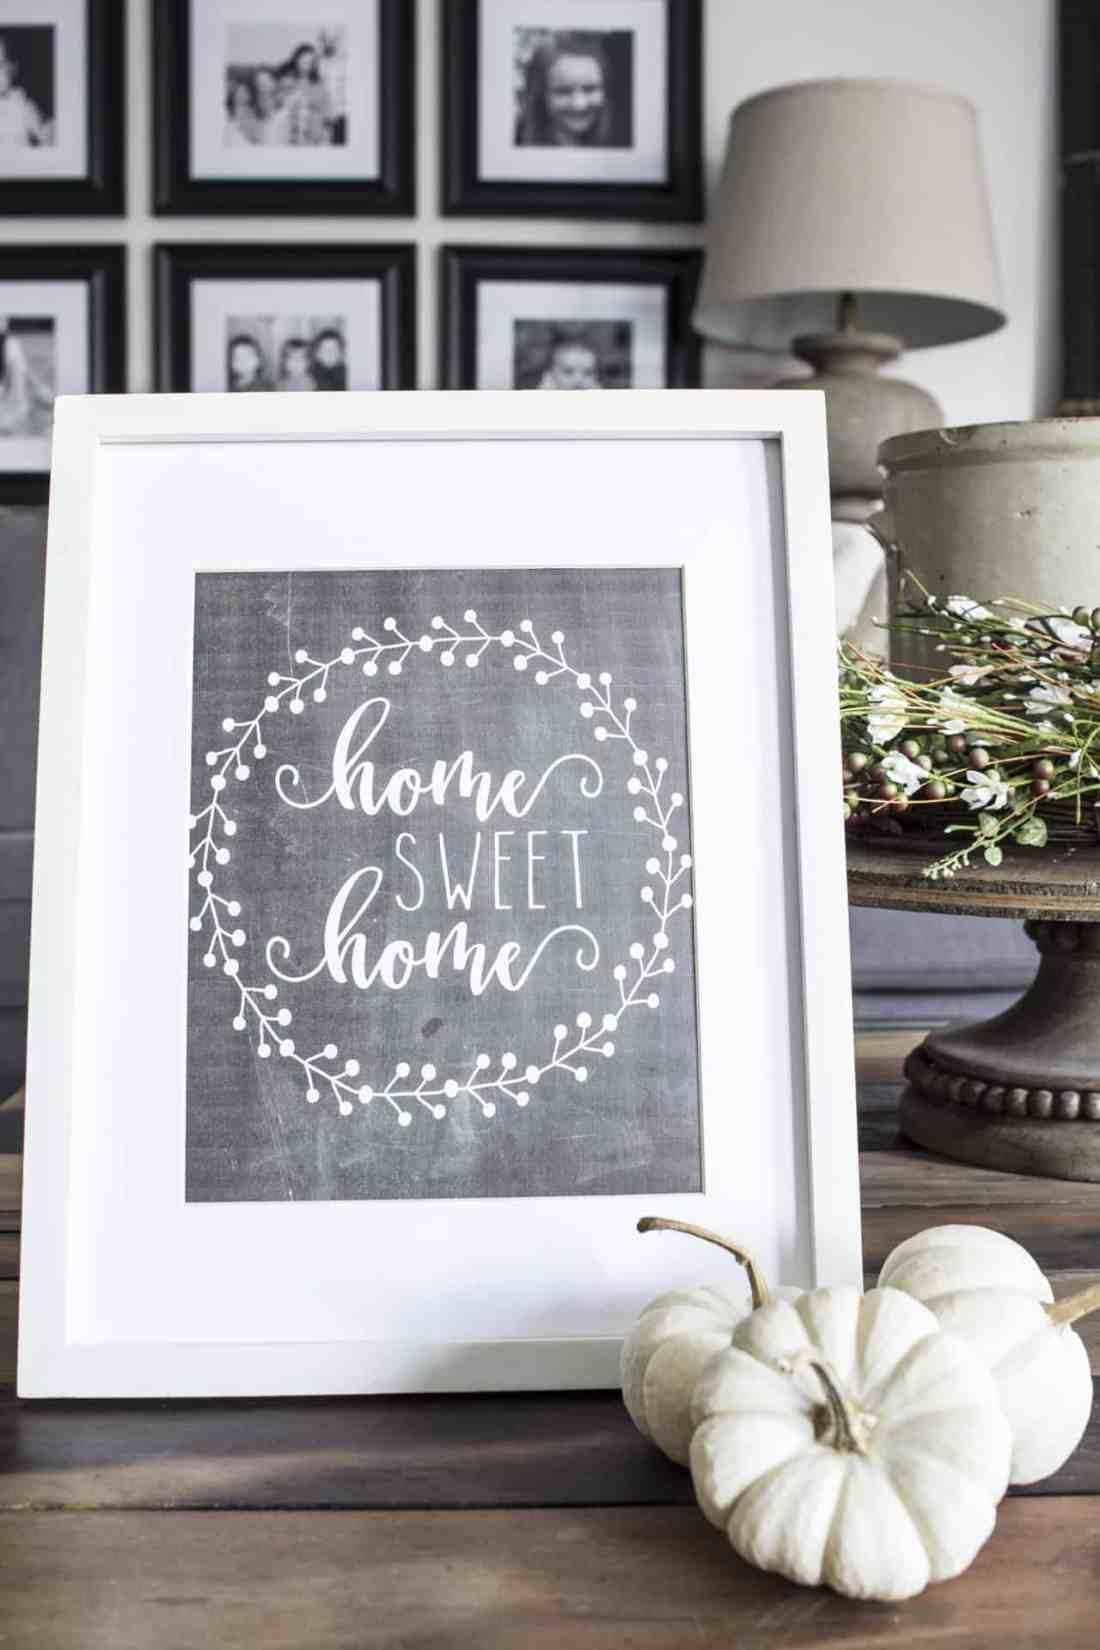 ATTACHMENT DETAILS home-sweet-home-free-chalkboard-printable.jpg September 7, 2018 327 KB 1520 × 2280 Edit Image Delete Permanently URL https://i0.wp.com/homemadelovely.com/wp-content/uploads/2018/09/home-sweet-home-free-chalkboard-printable.jpg?resize=1100%2C1650&ssl=1 Title